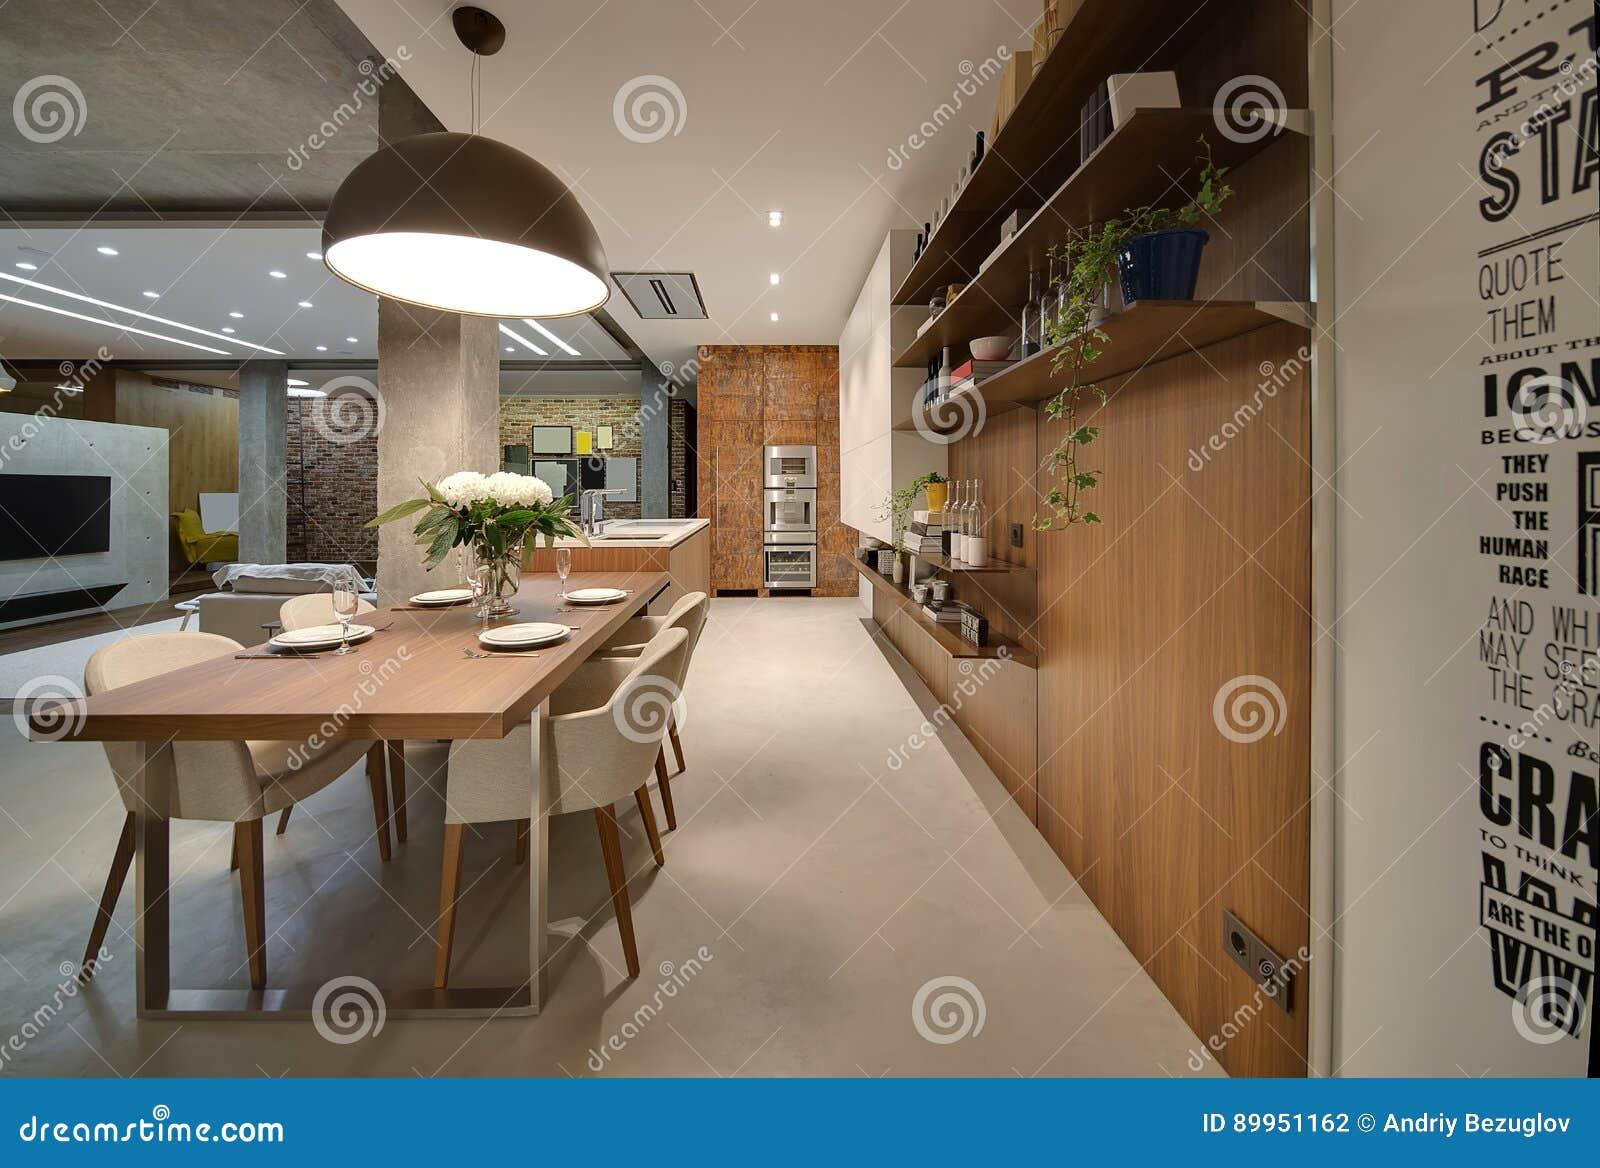 Studiowohnung In Der Dachbodenart Stockfoto - Bild von modern ...